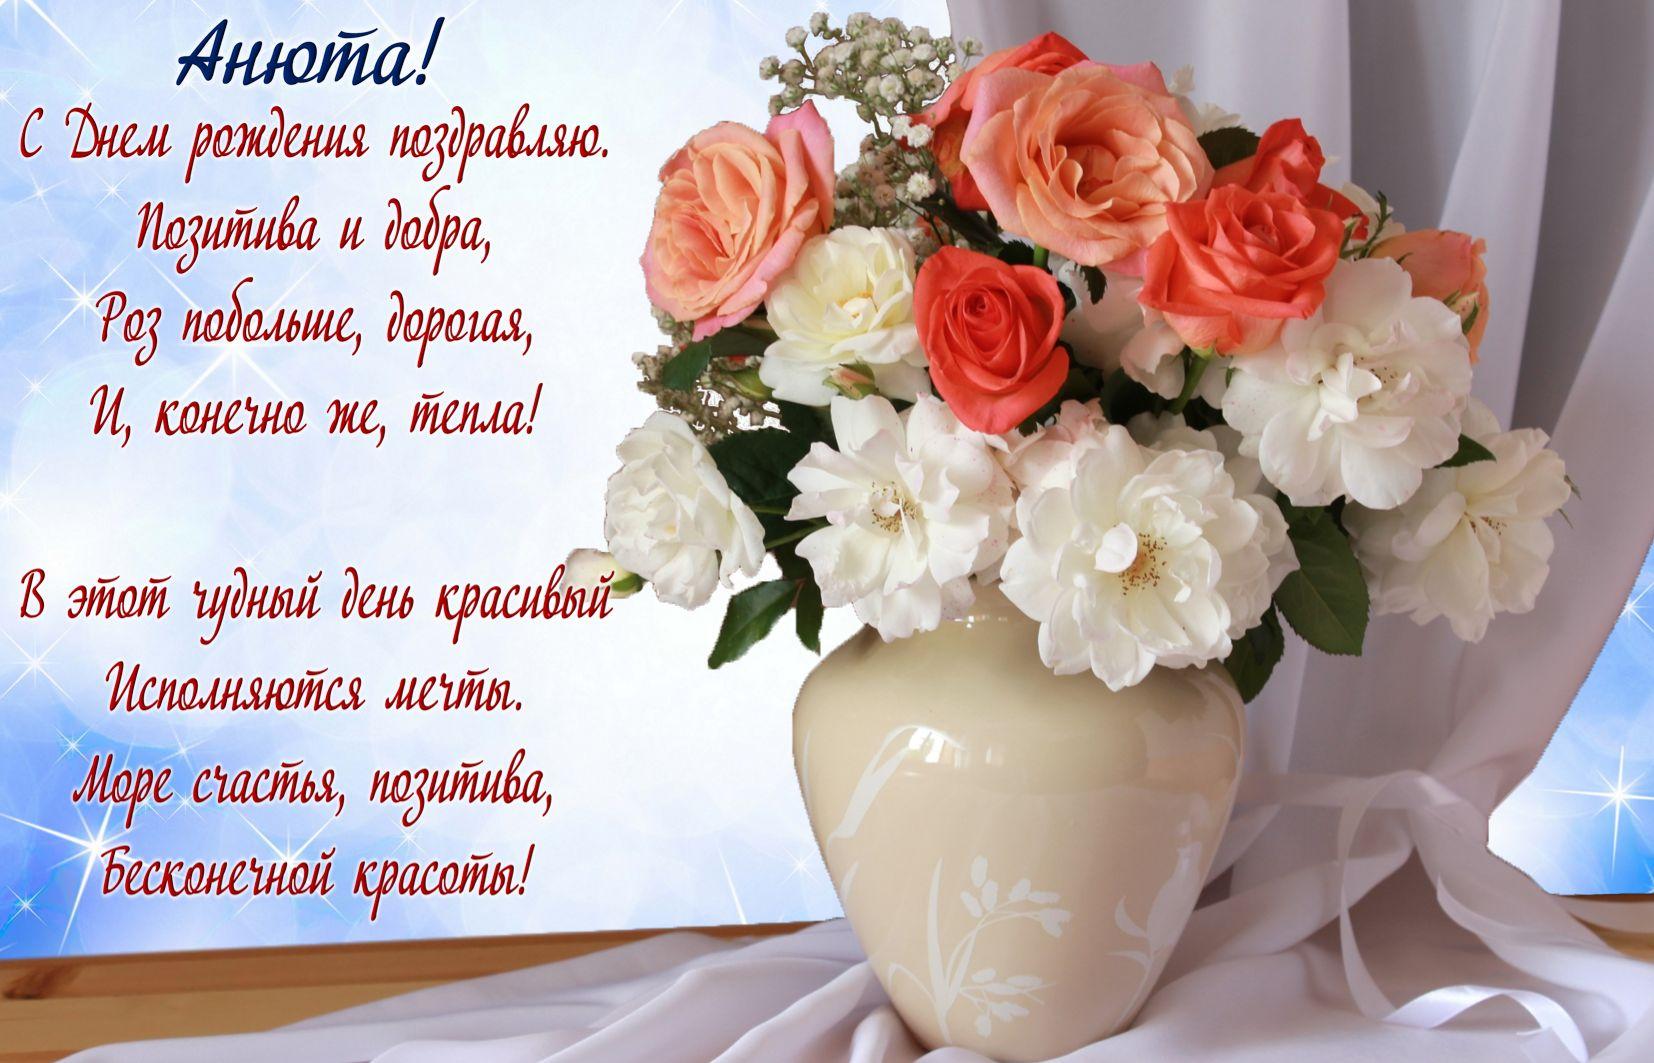 Поздравления с днем рождения анне прозе